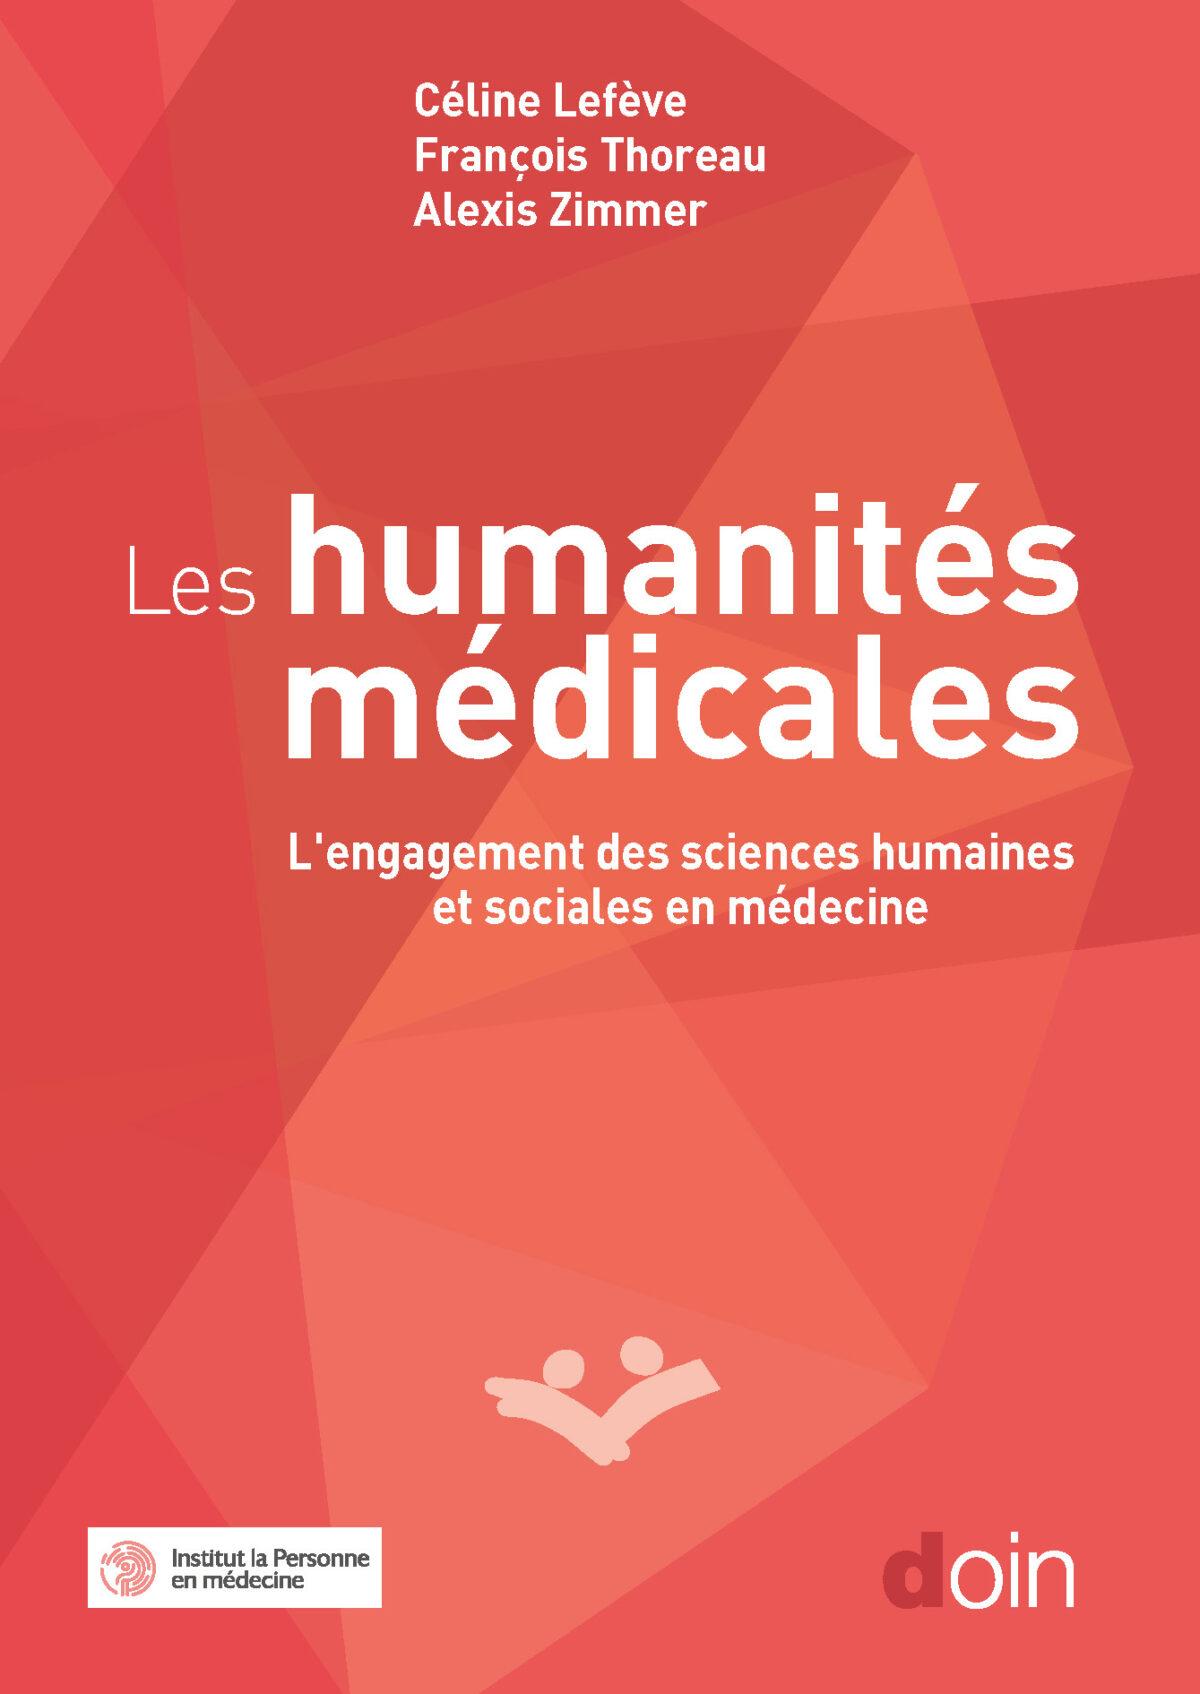 hum medicales